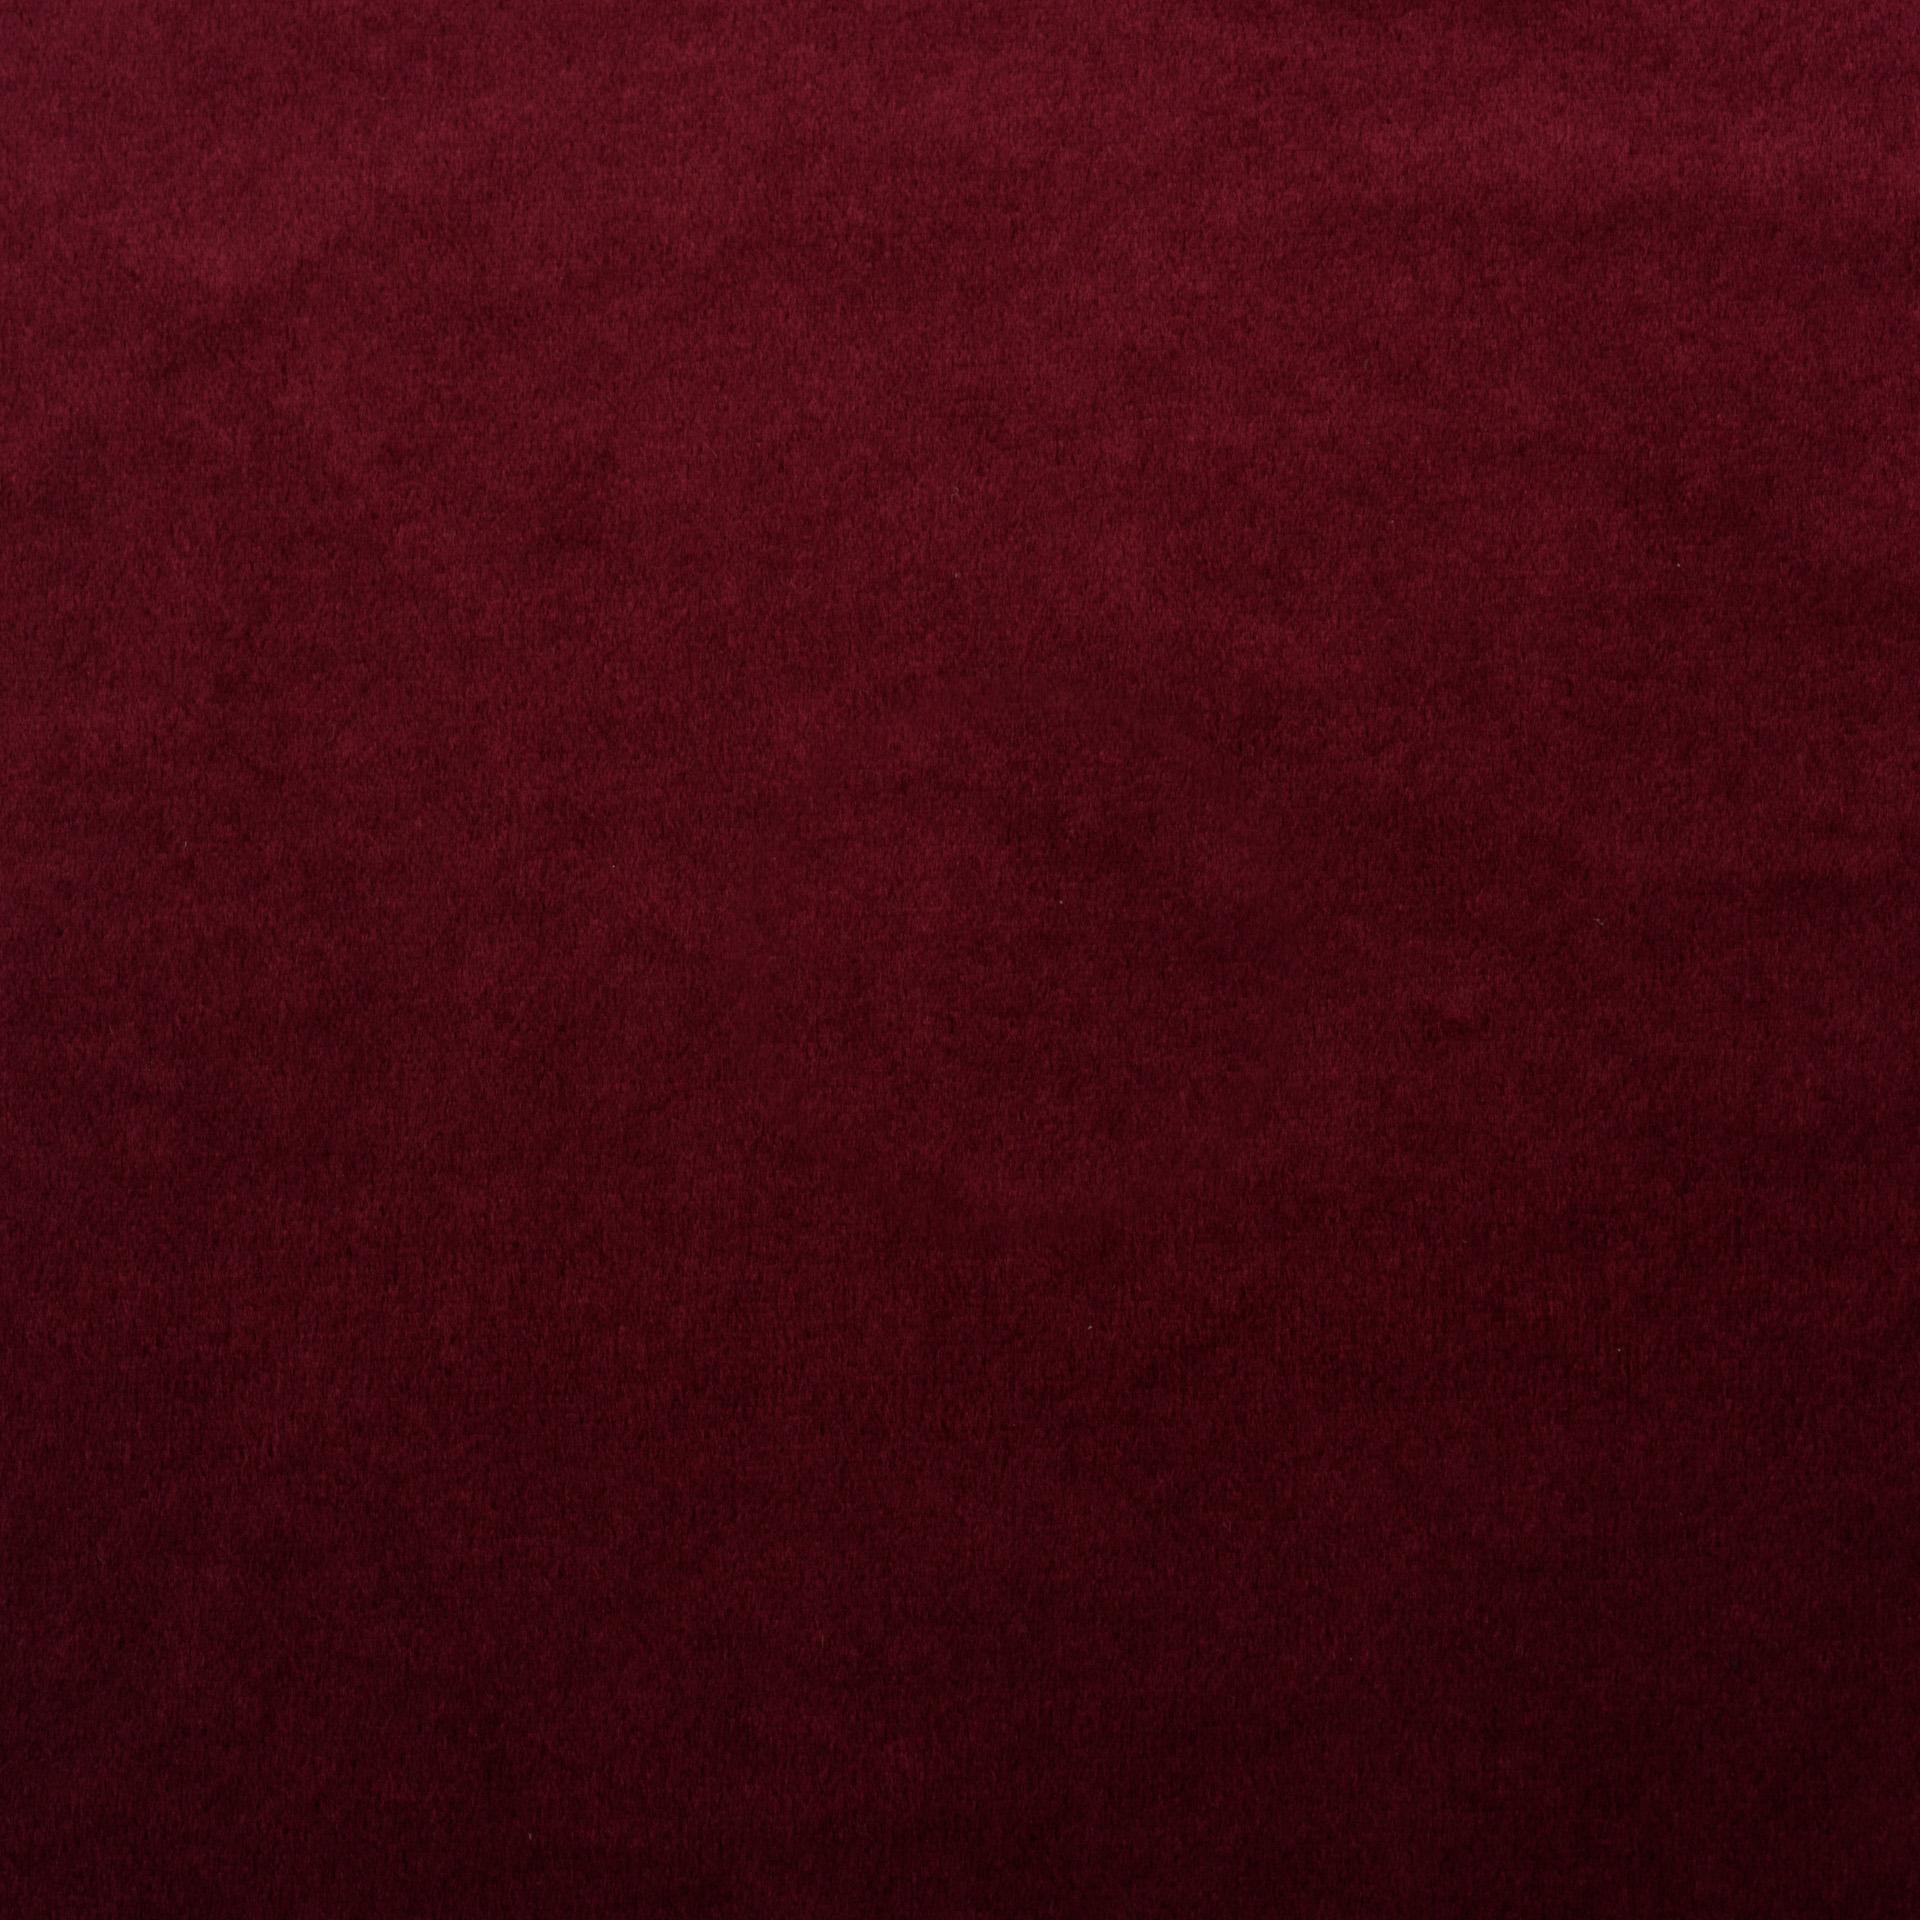 Коллекция ткани Альмира 17 BURGUNDY RED SHINE,  купить ткань Велюр для мебели Украина